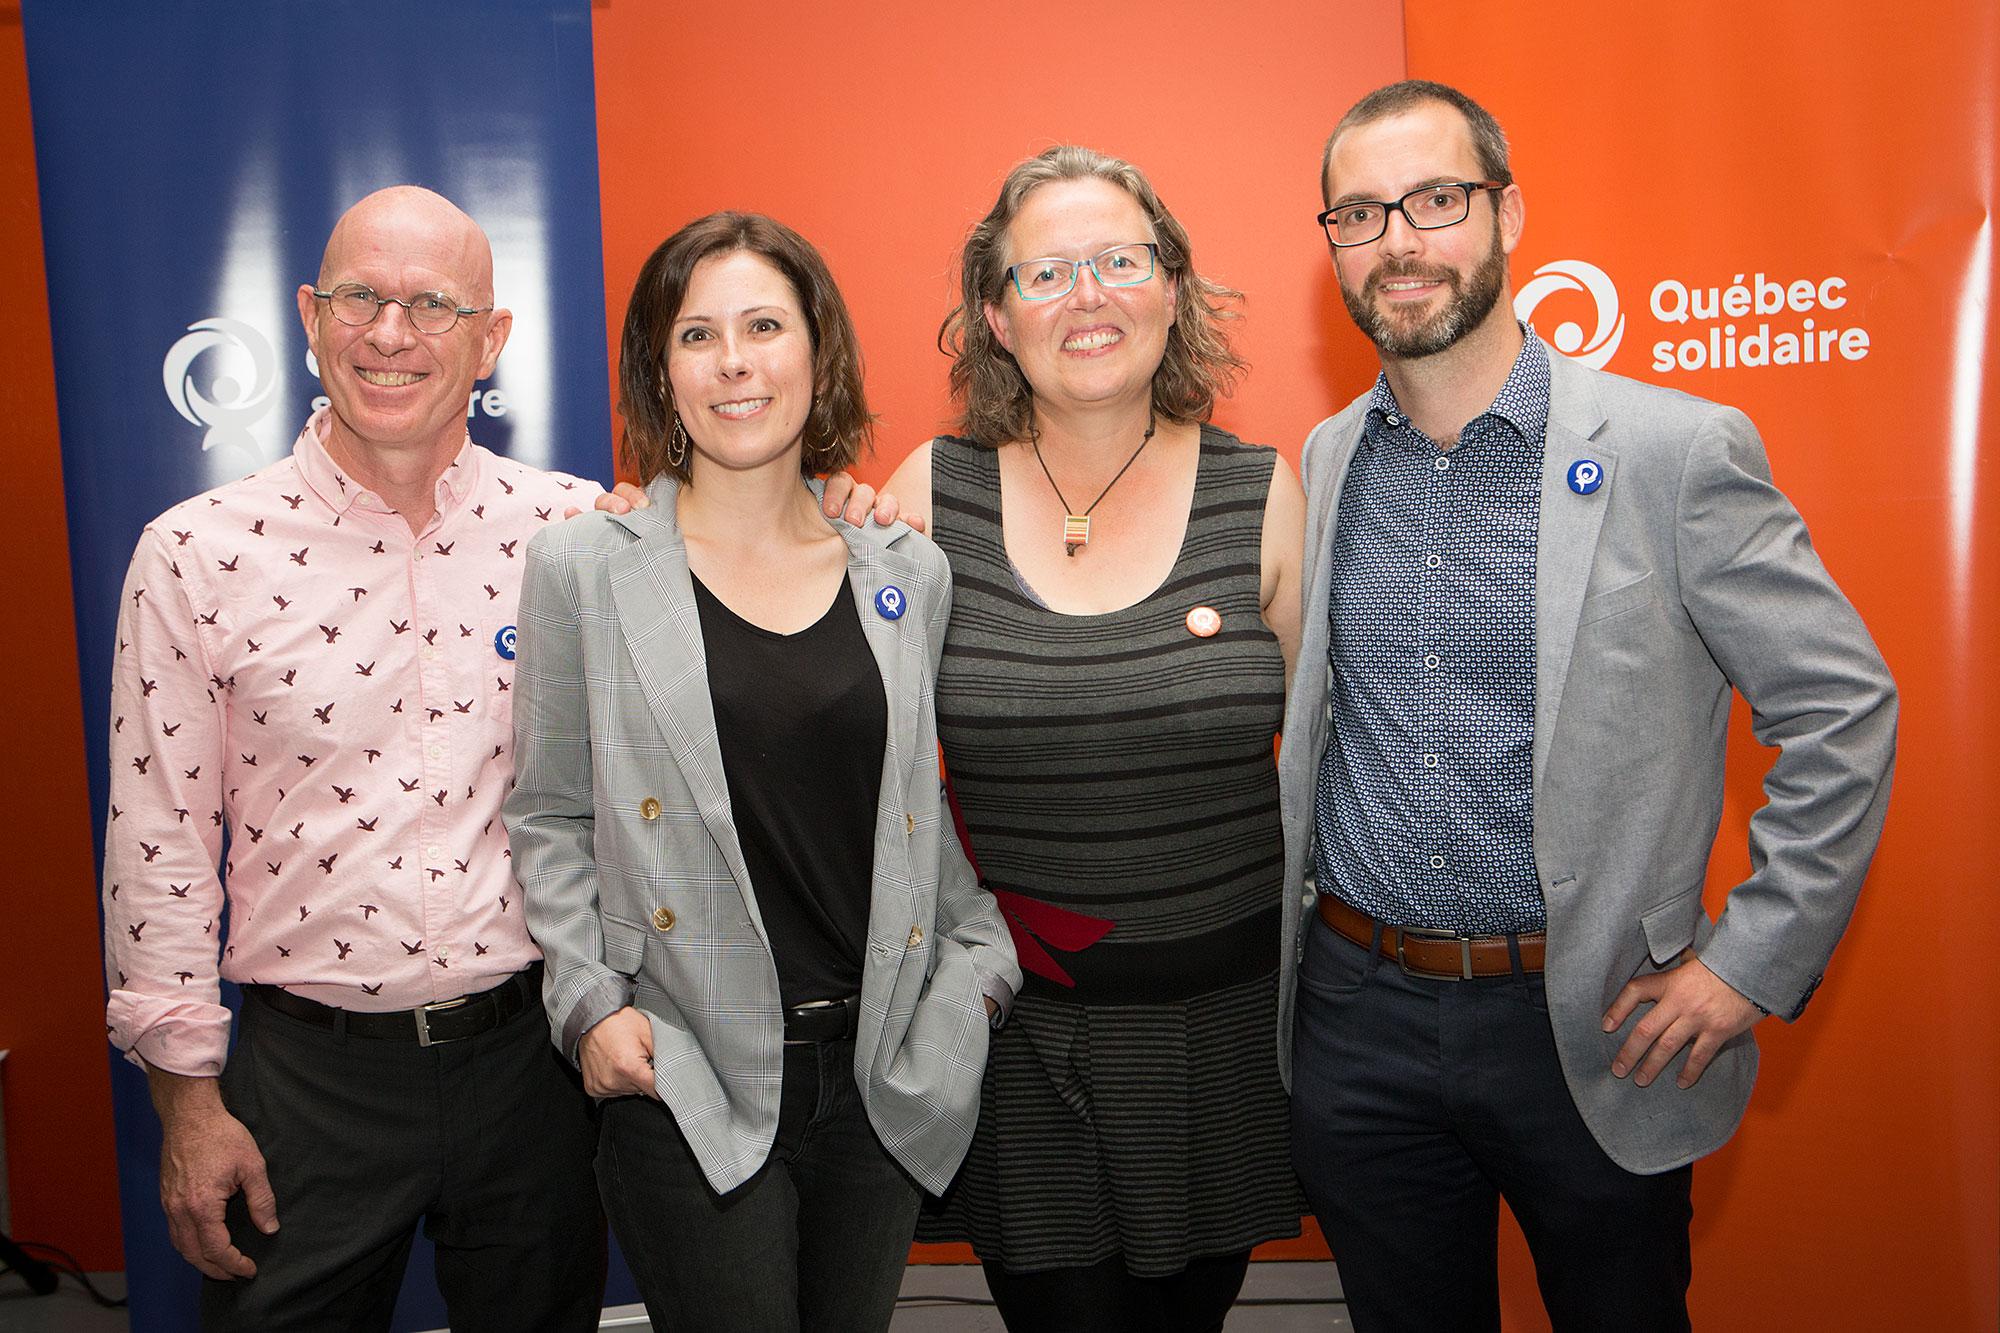 L'équipe solidaire en région confiante à l'aube de l'élection